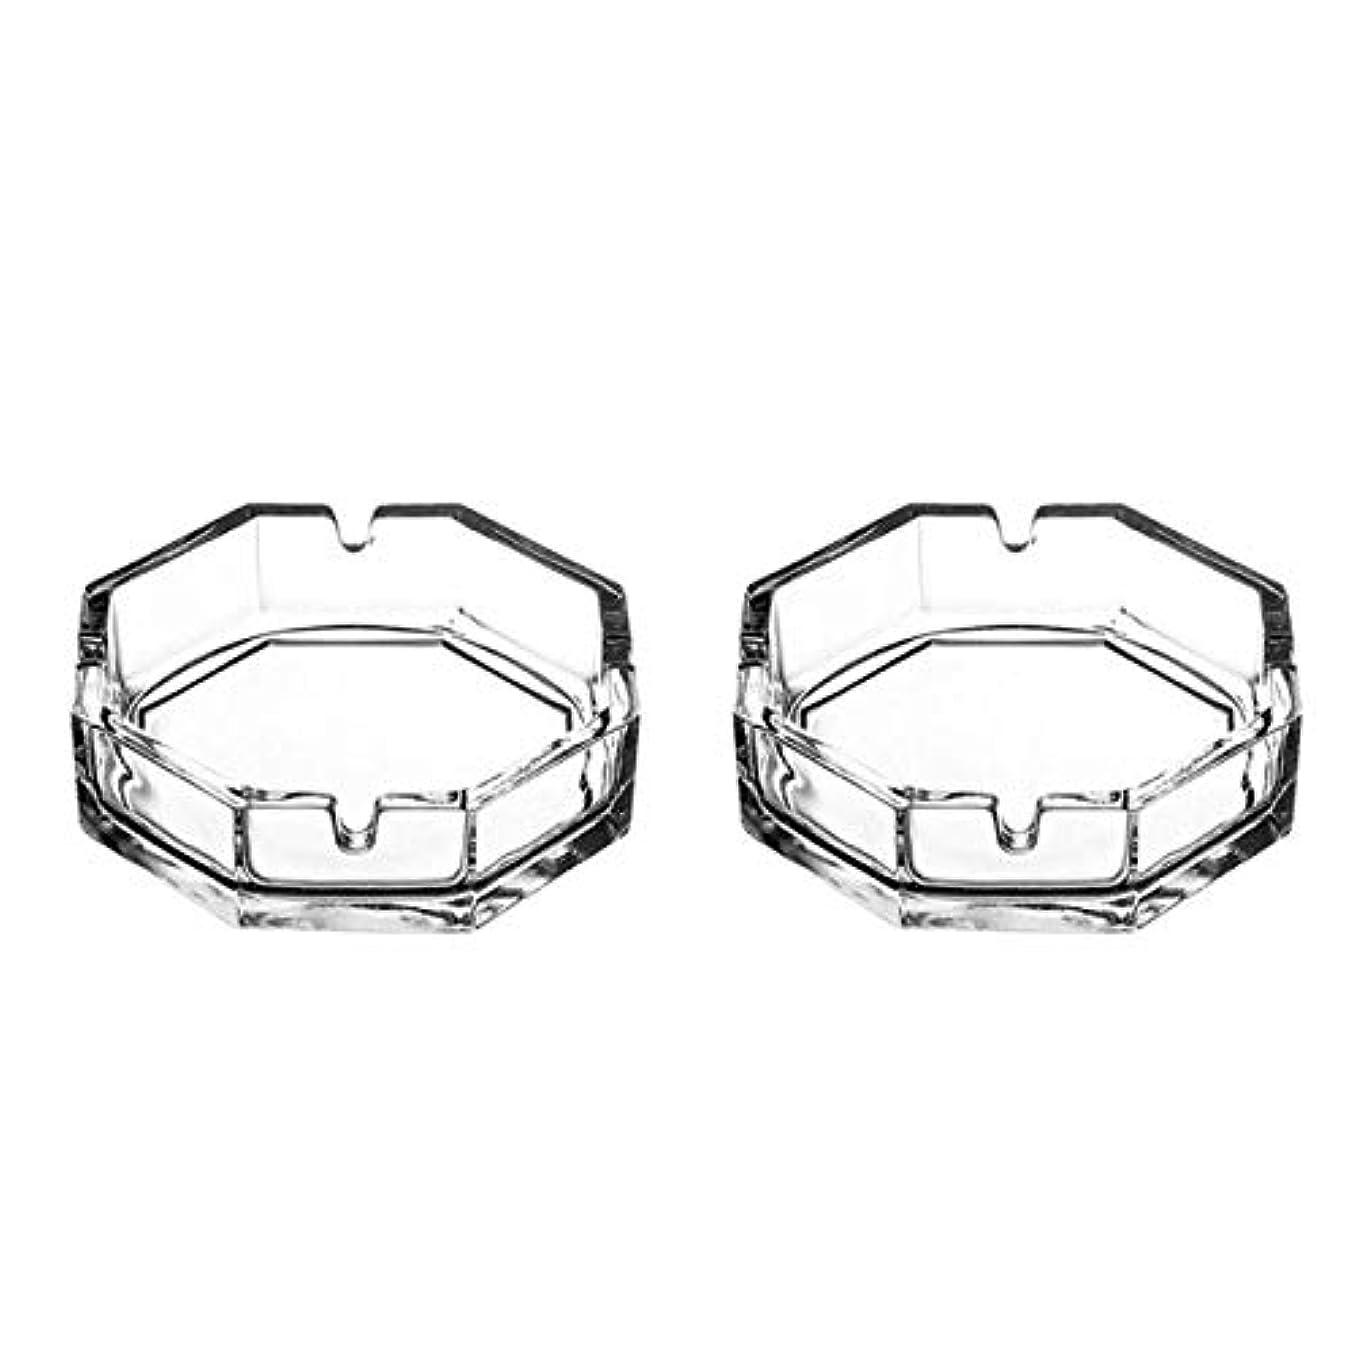 観察する維持船員八角形のガラスタバコの灰皿(2パック)